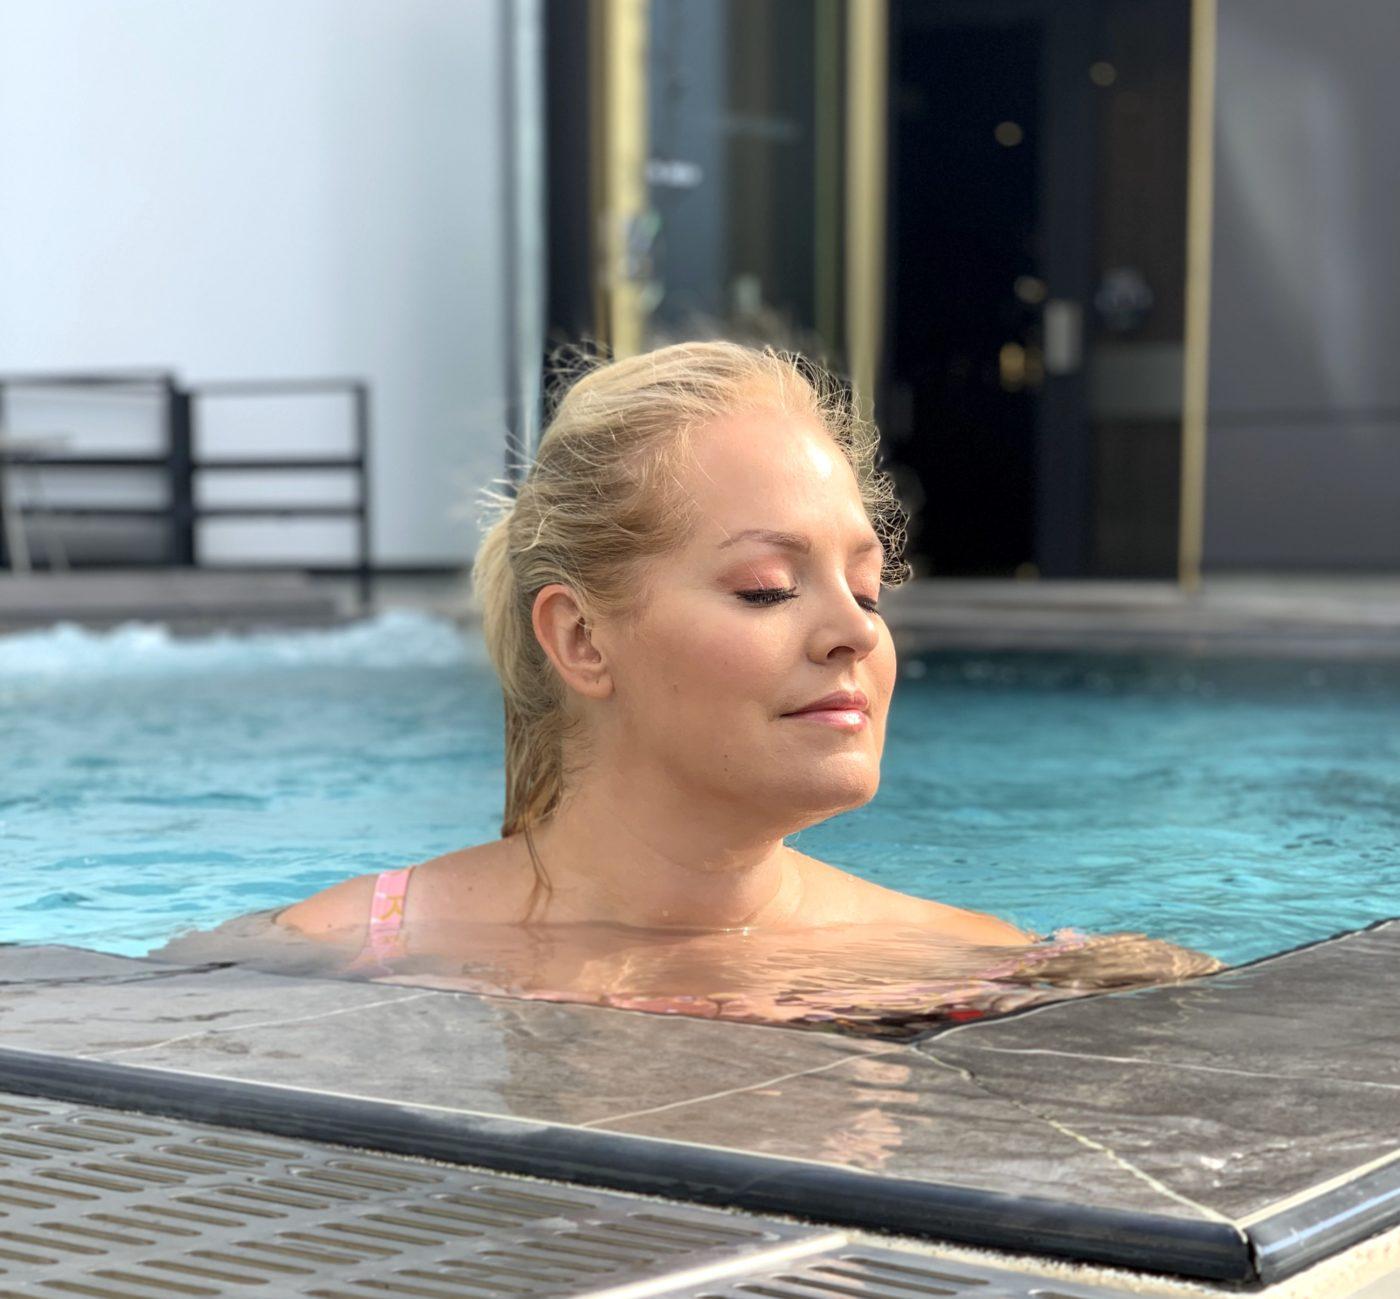 Elin njuter i utomhuspoolen på spa i Linköping